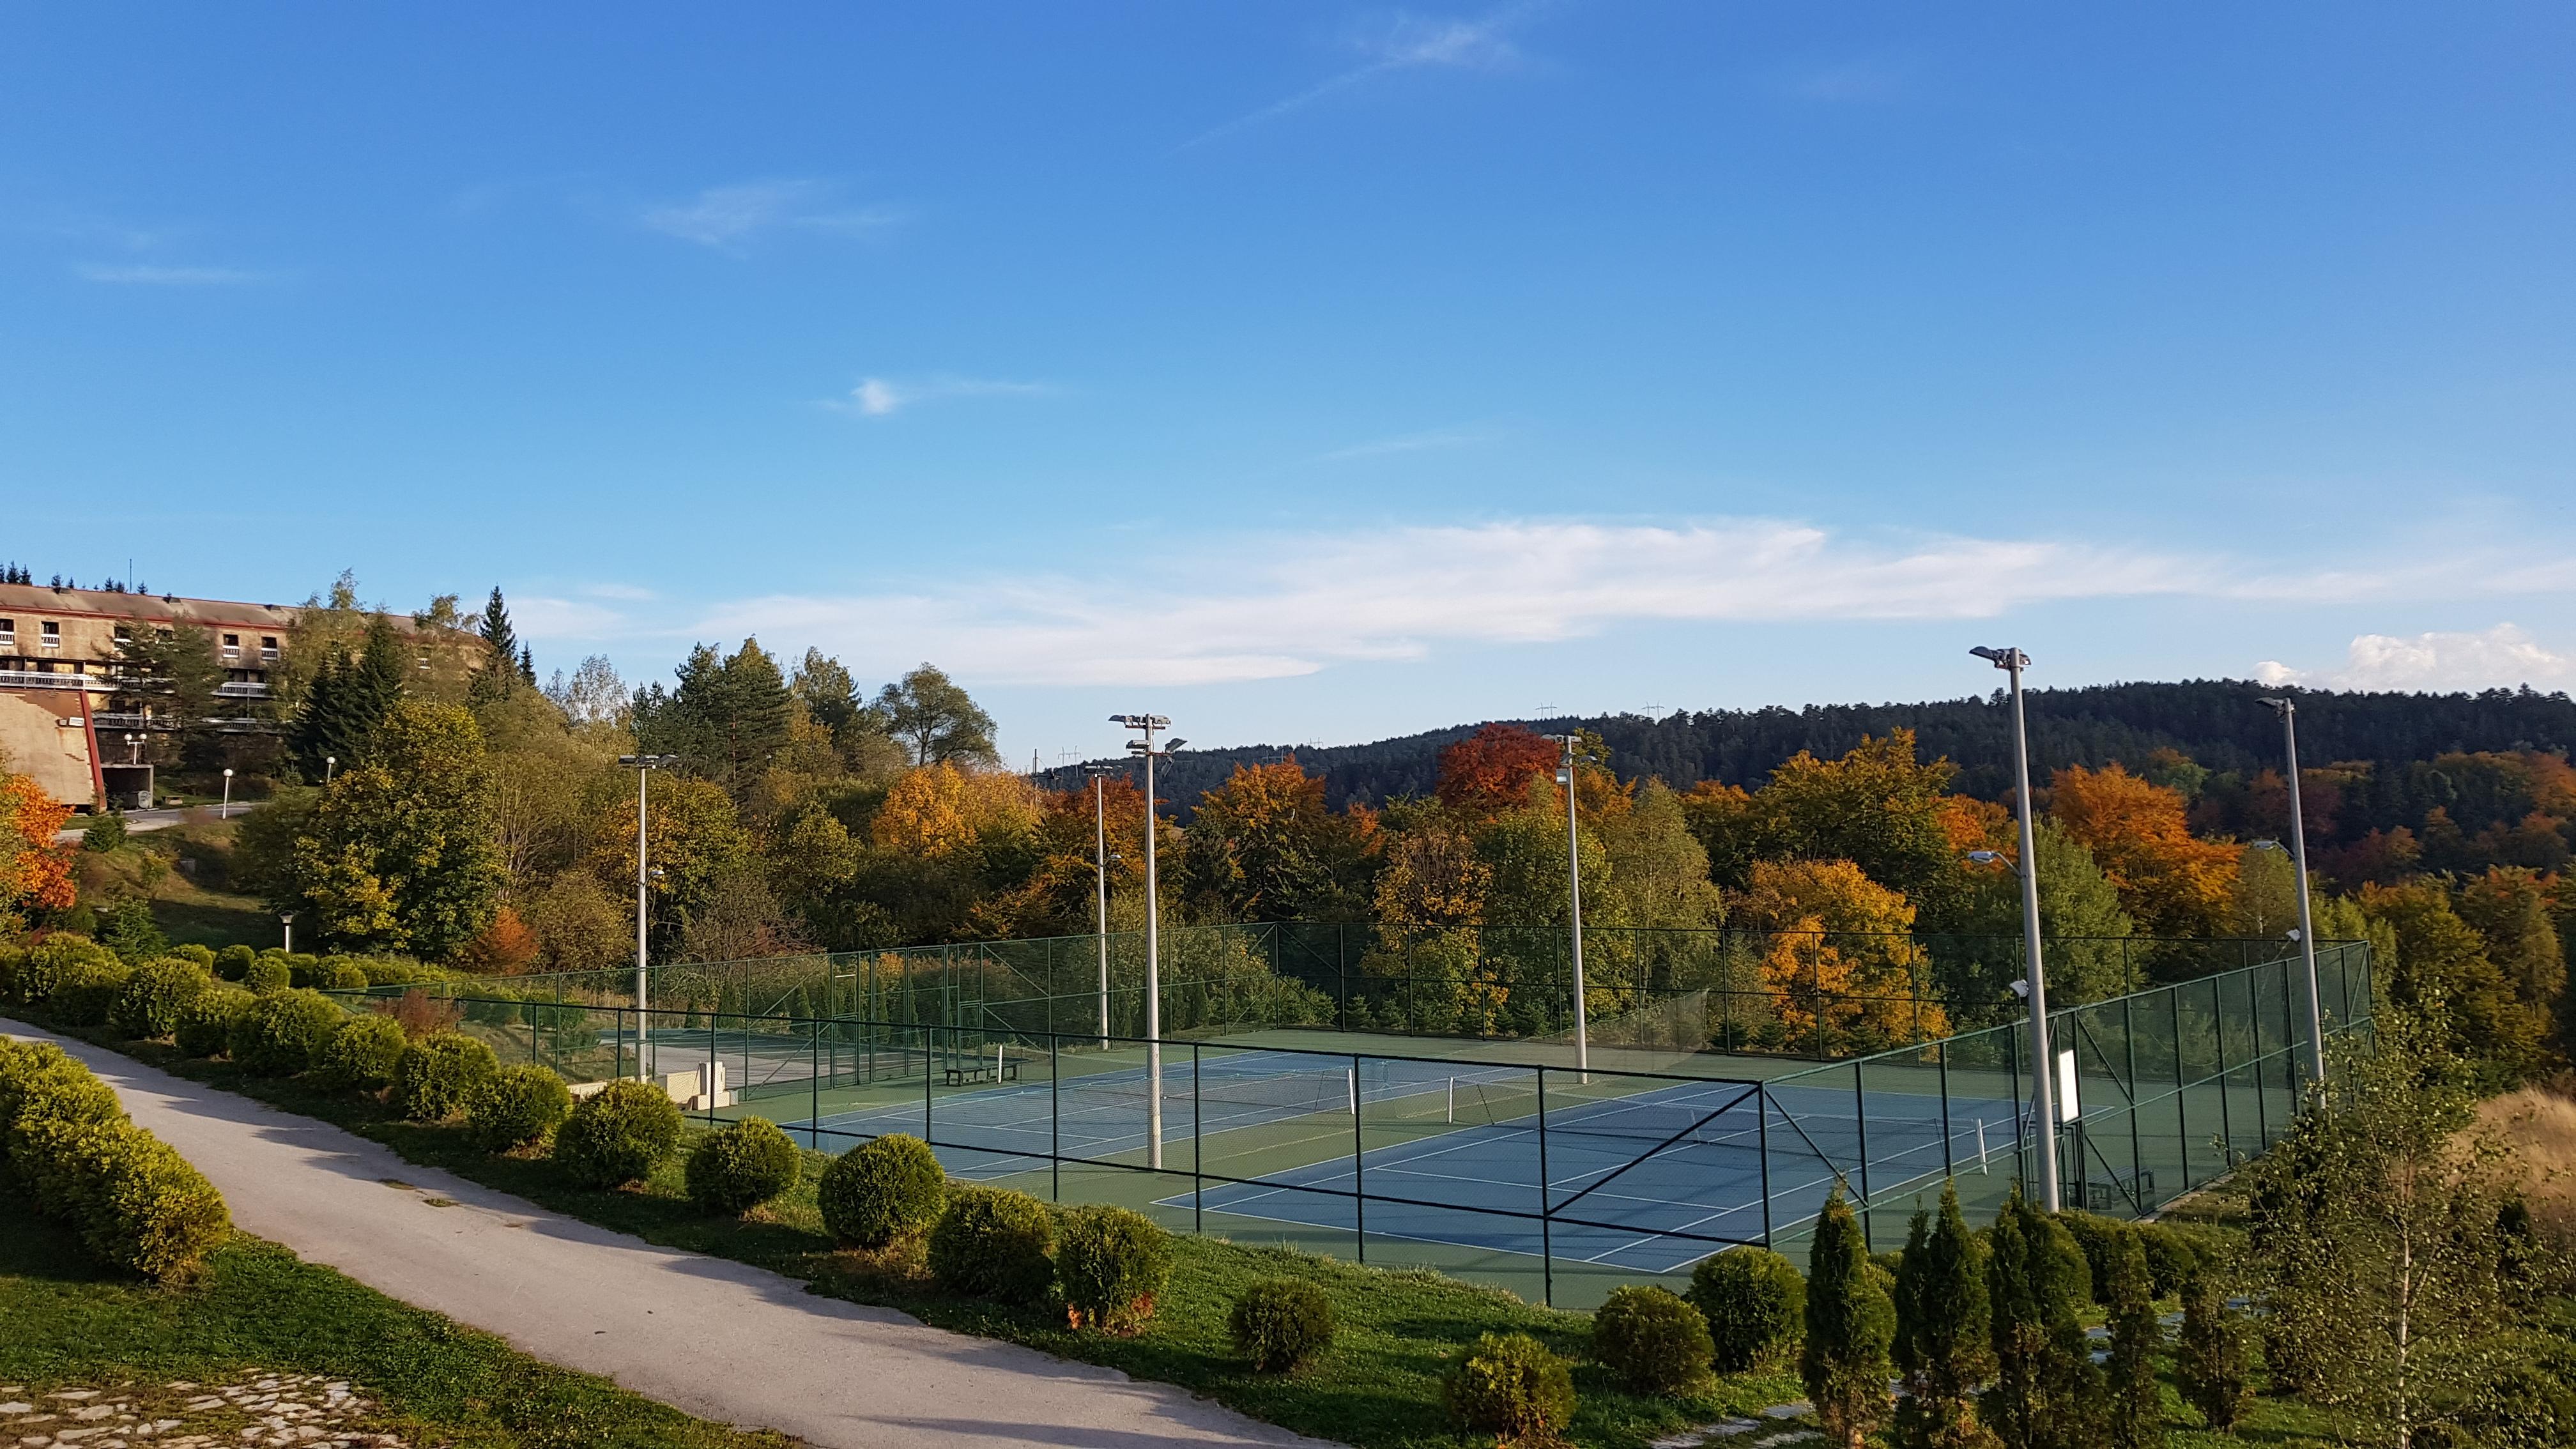 teniski tereni - Beli Bor